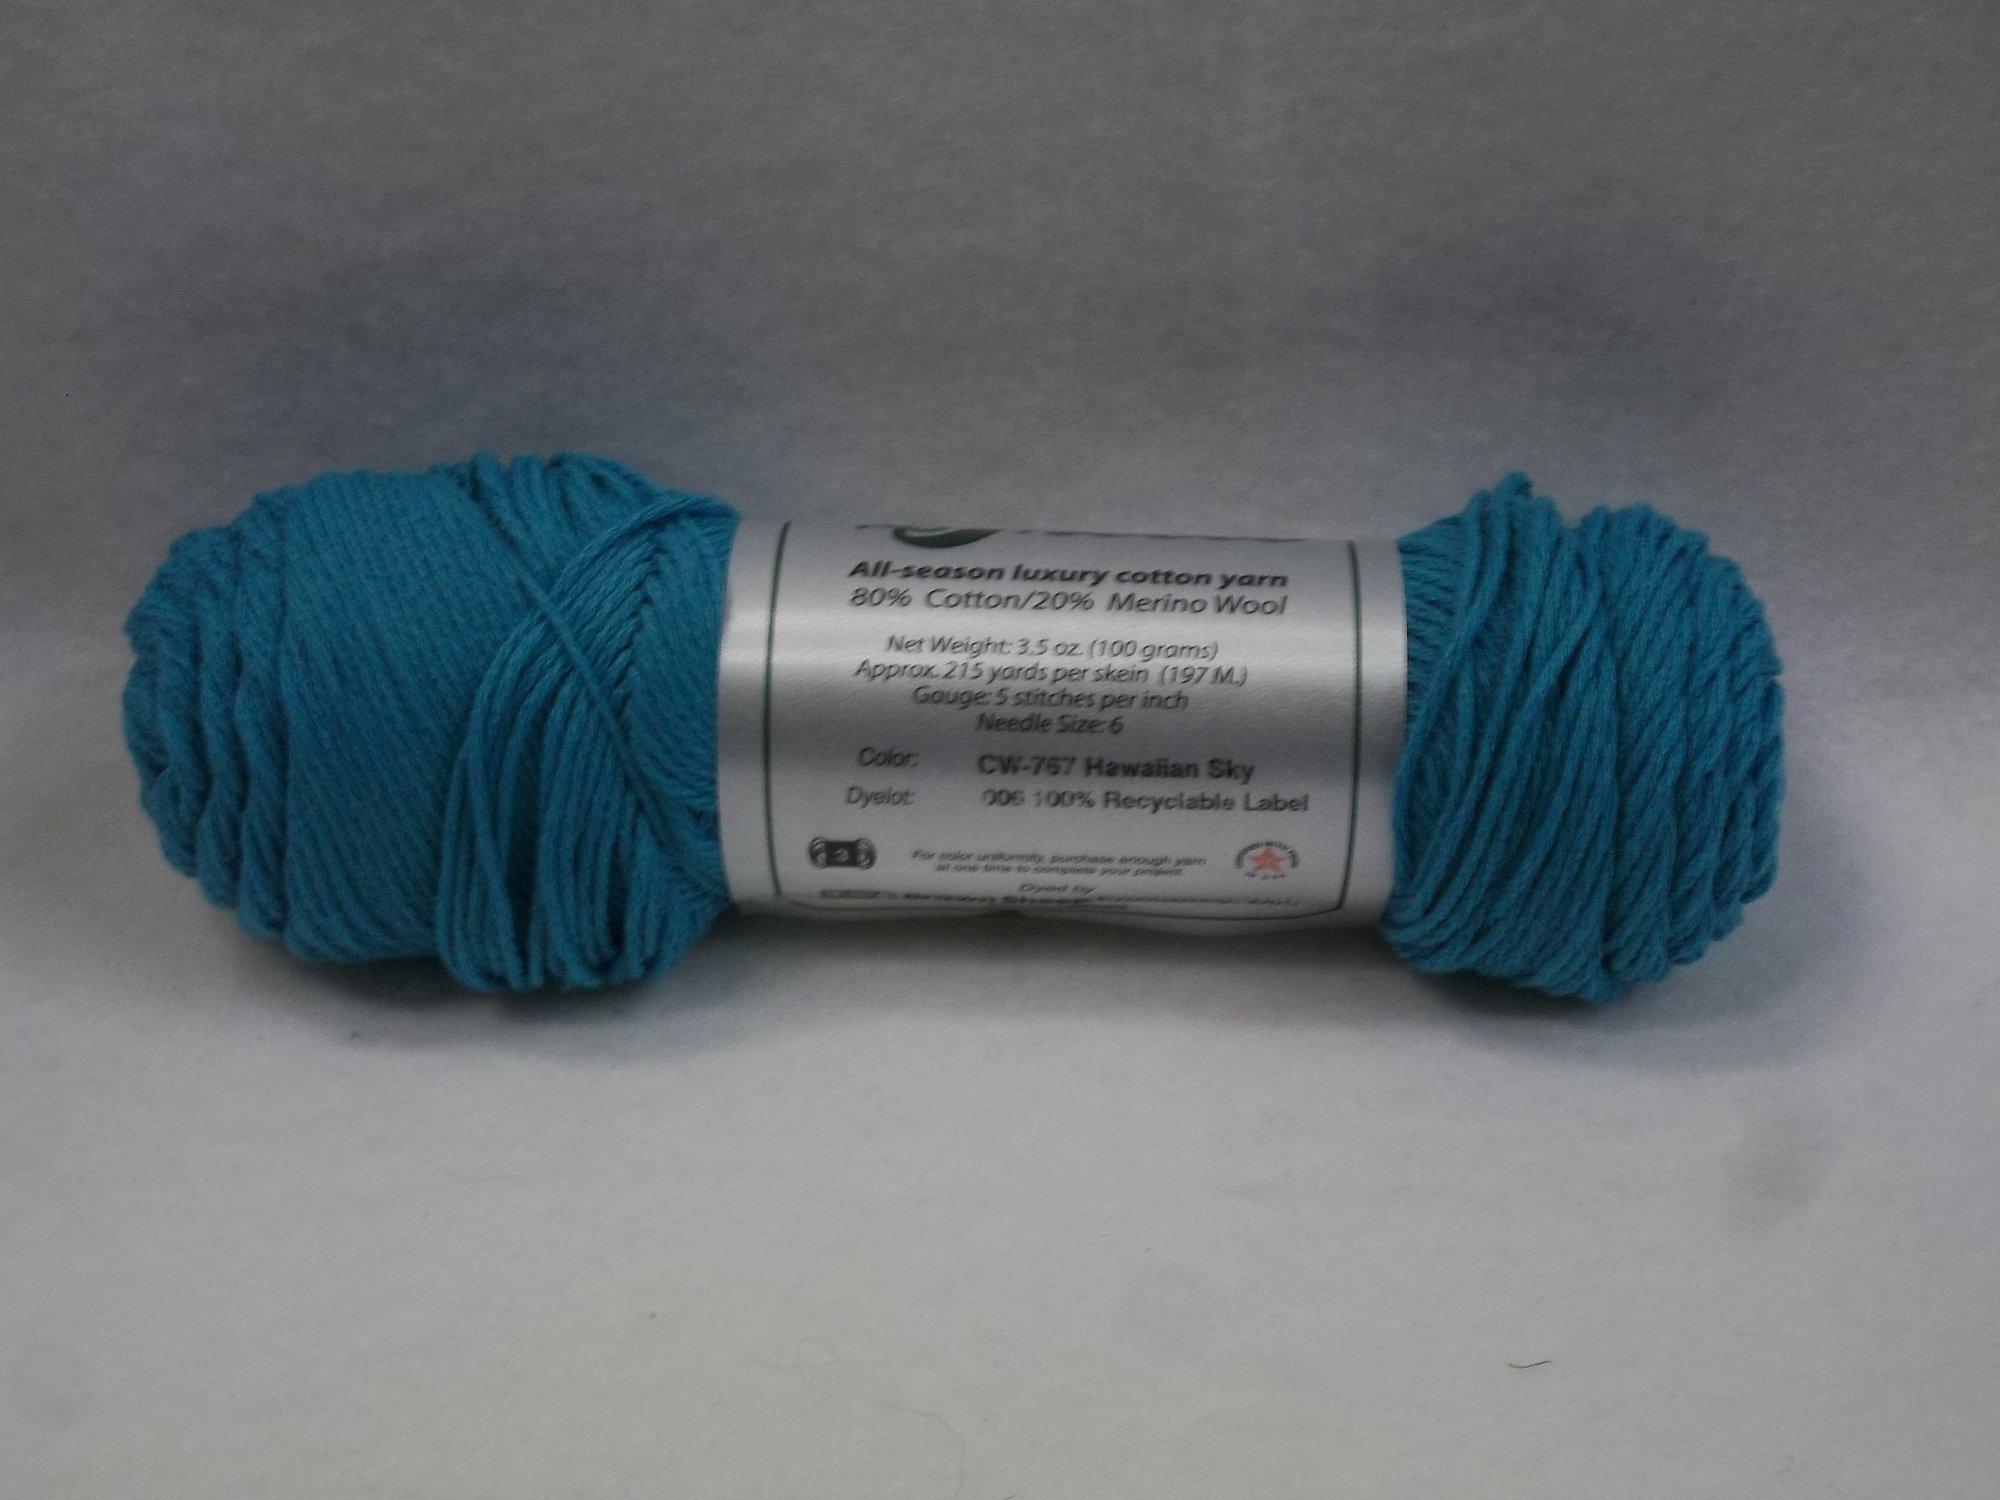 Cotton Fleece - CW-767 Hawaiian Sky